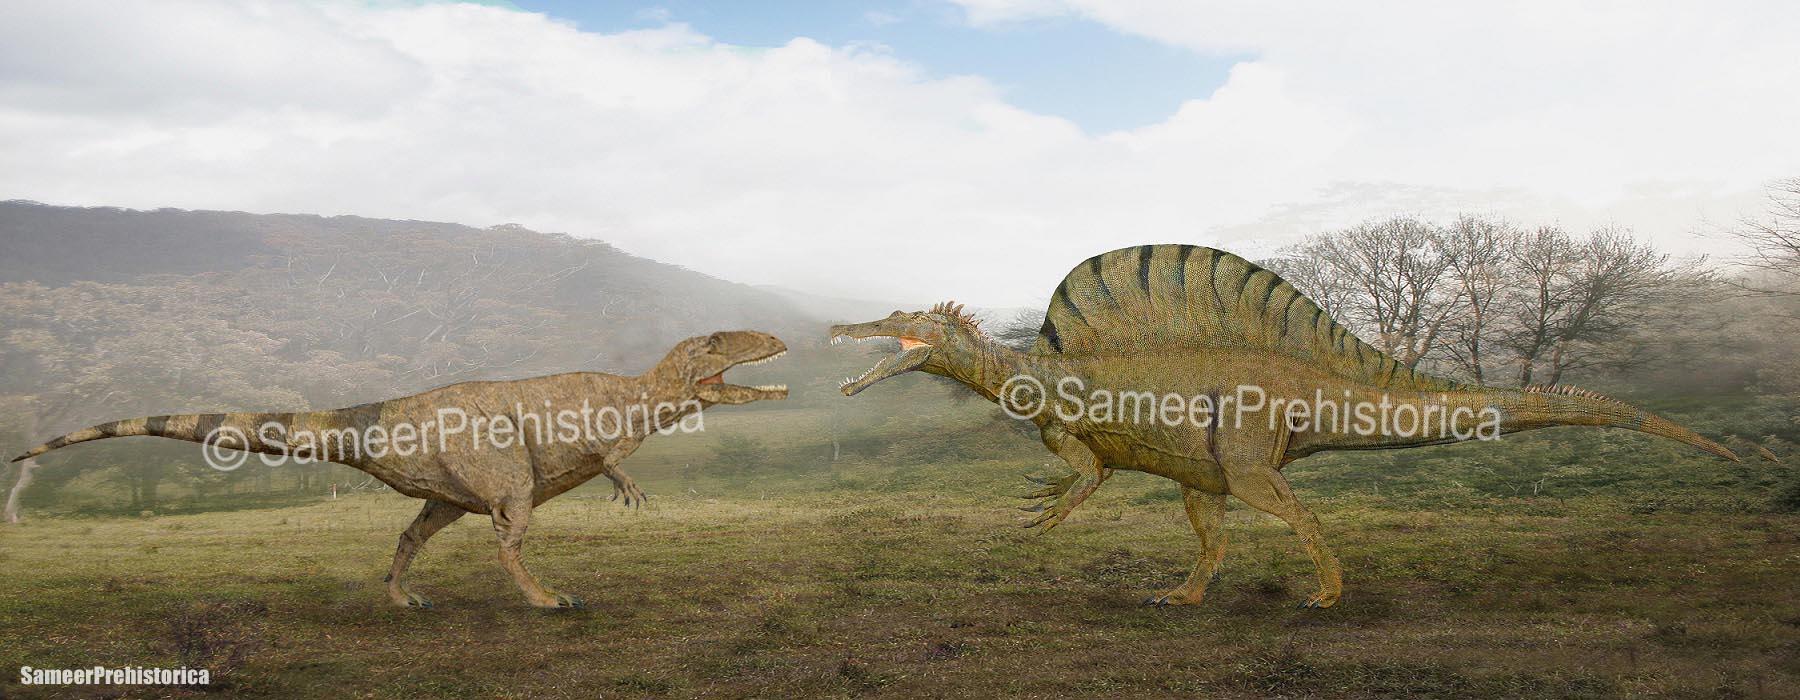 Giganotosaurus vs Spinosaurus